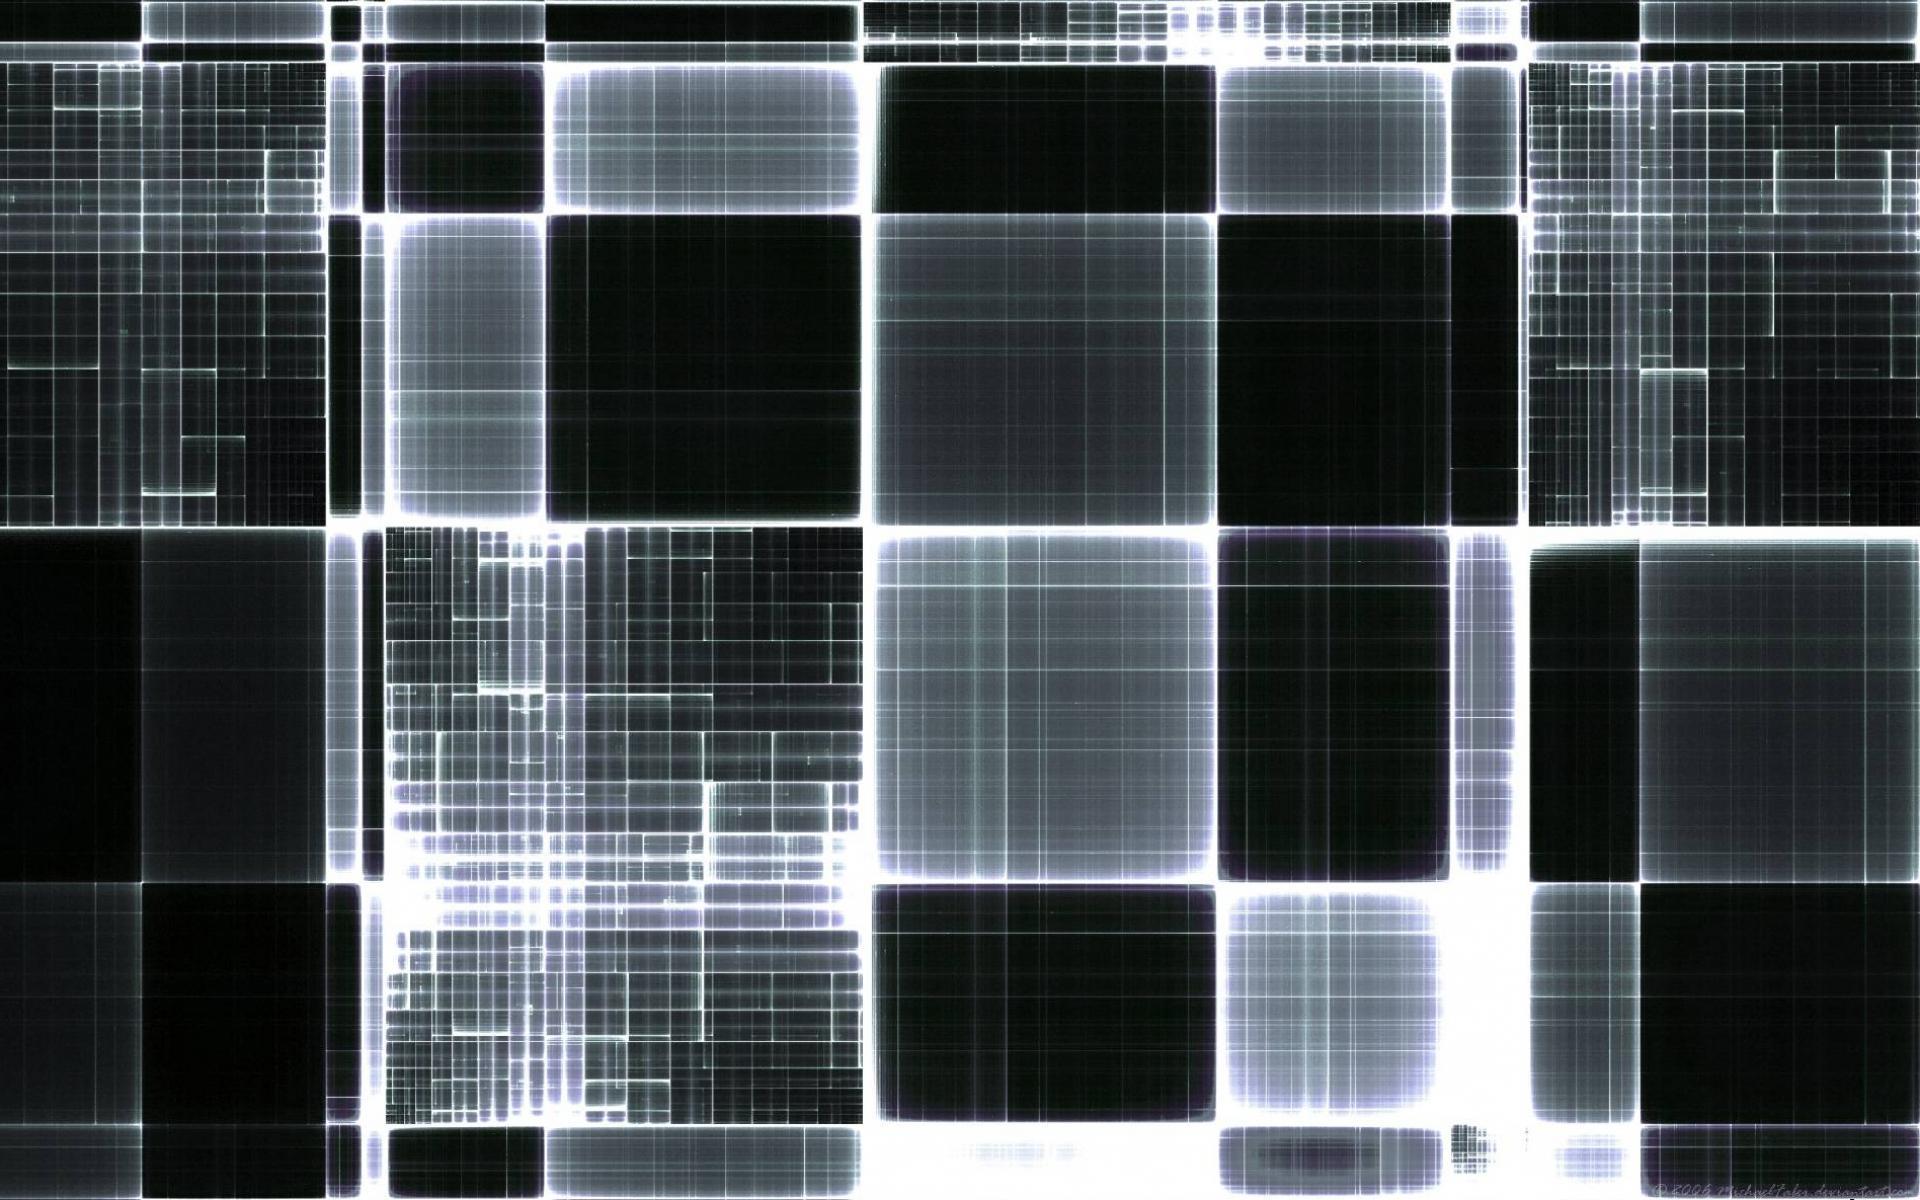 1920x1200 картинки на рабочий стол